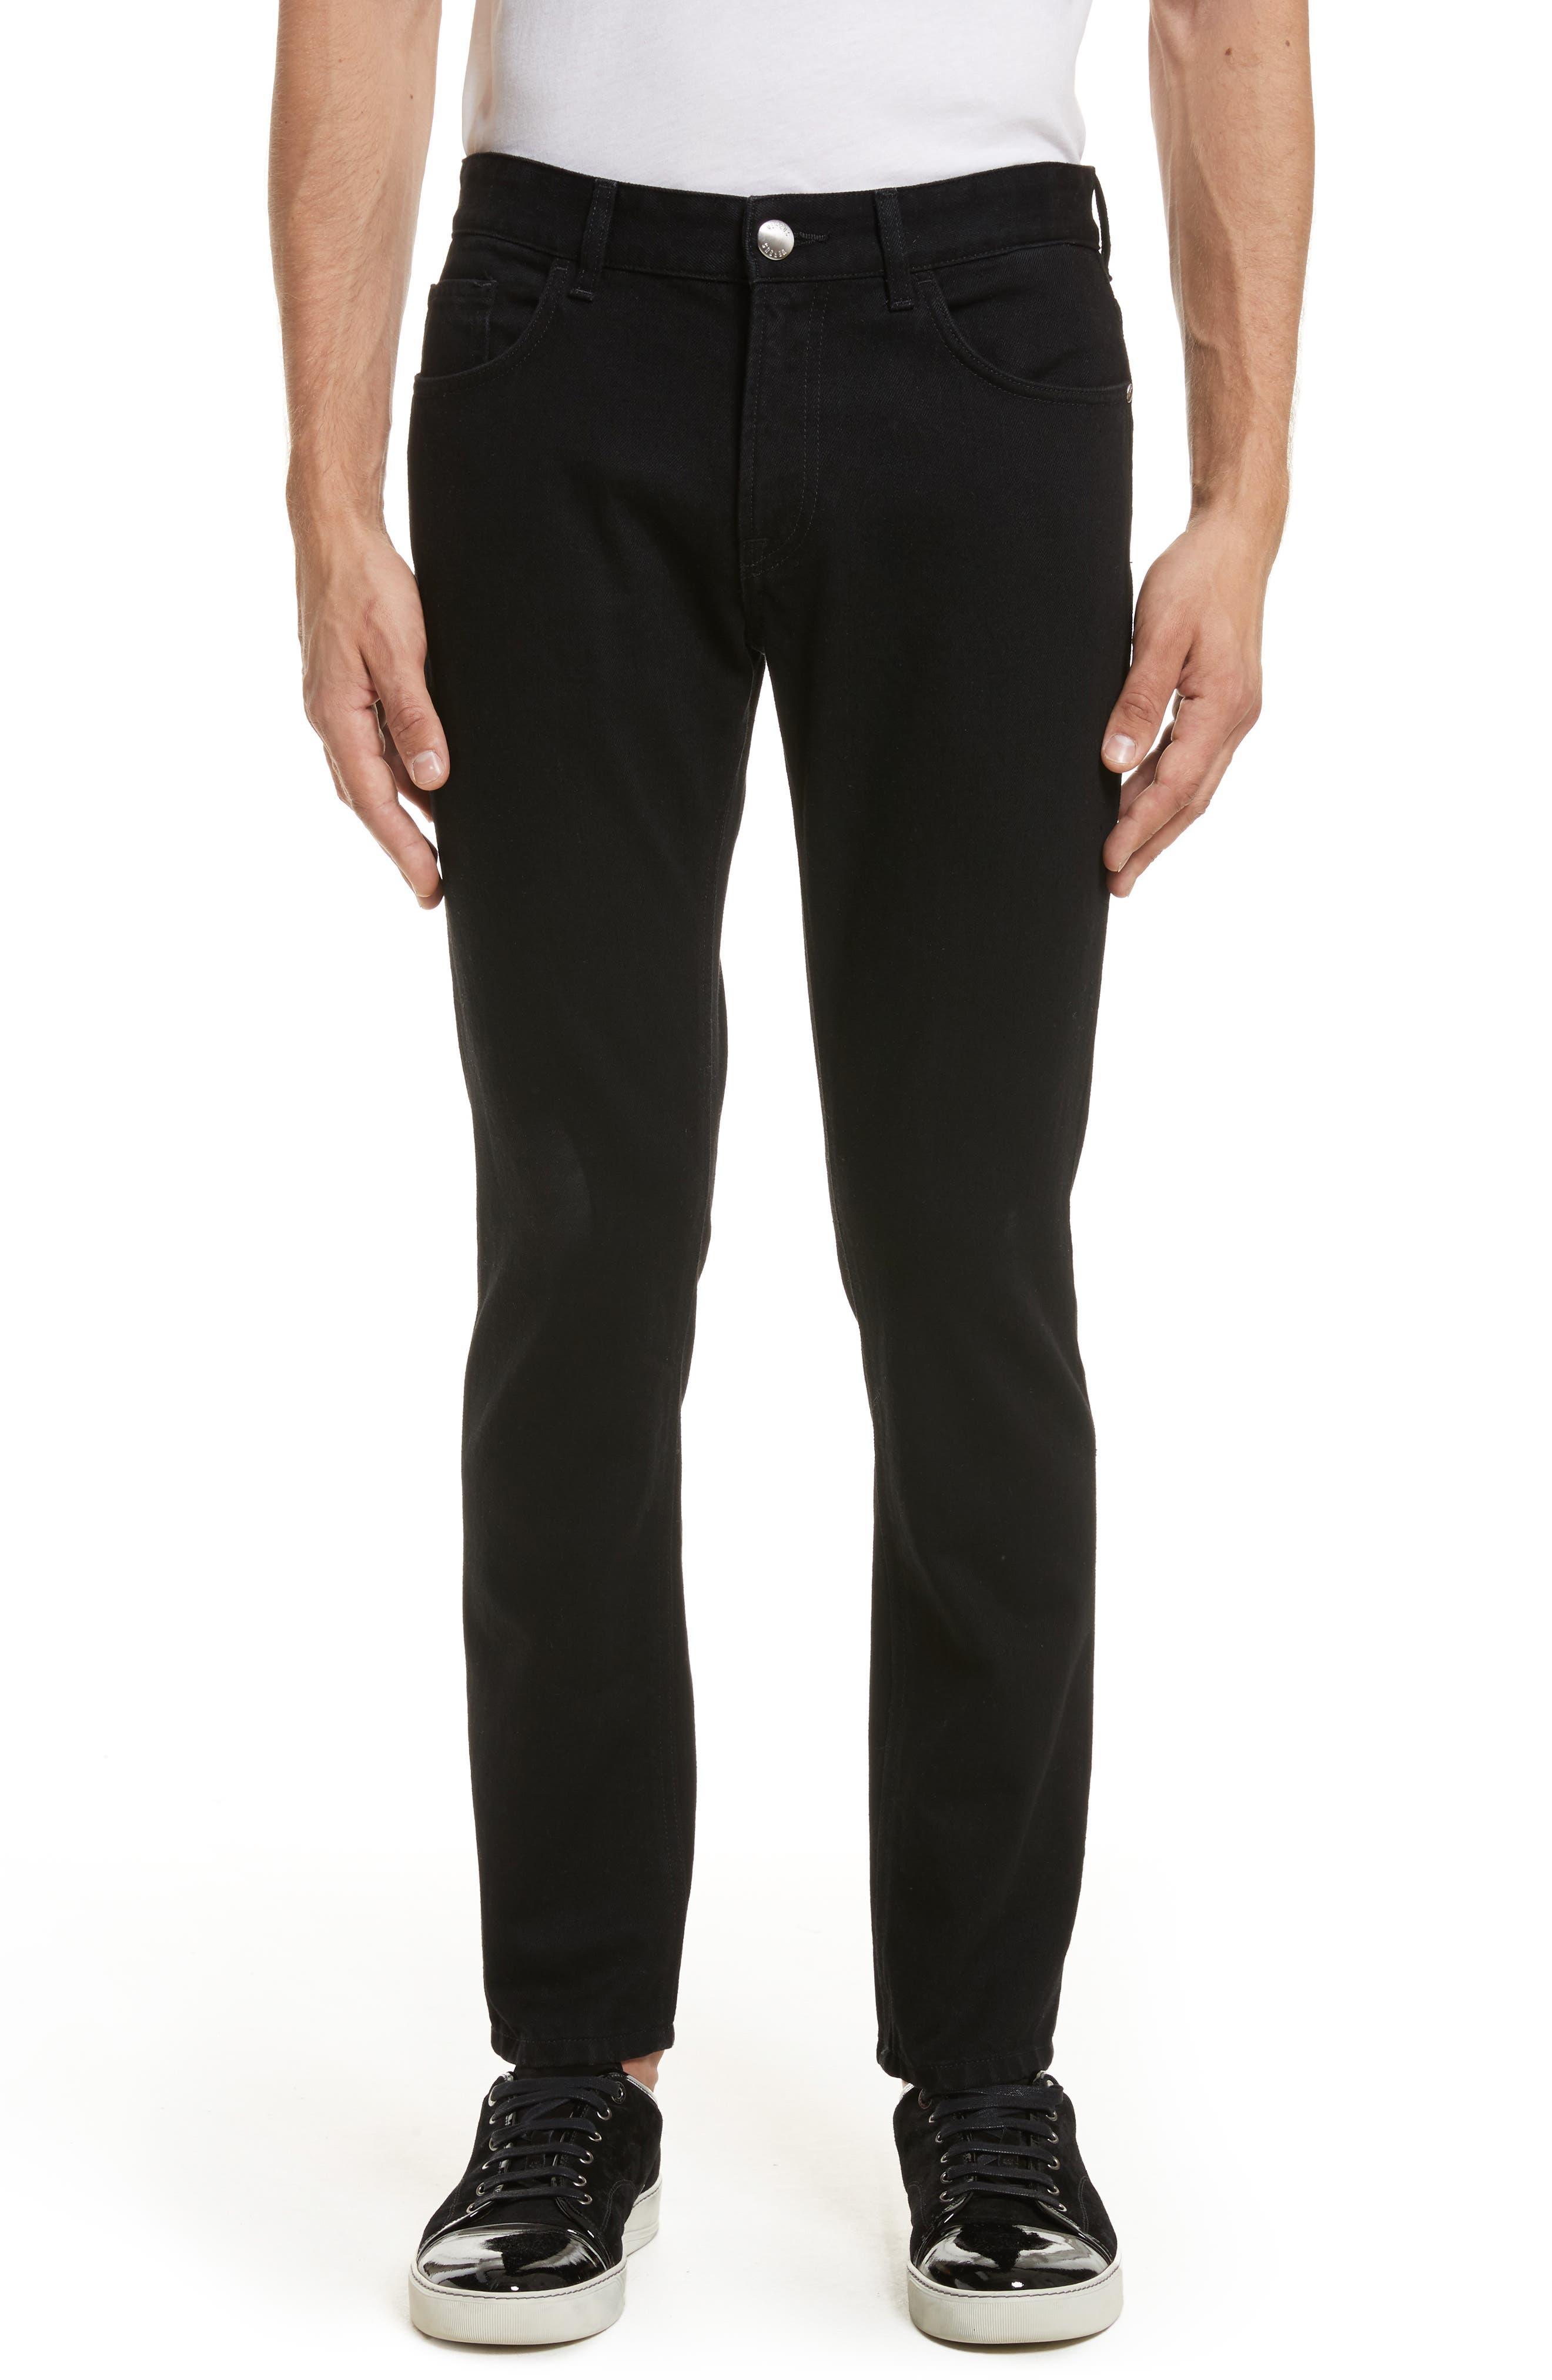 VERSUS by Versace Lion Slim Fit Jeans,                             Main thumbnail 1, color,                             Black